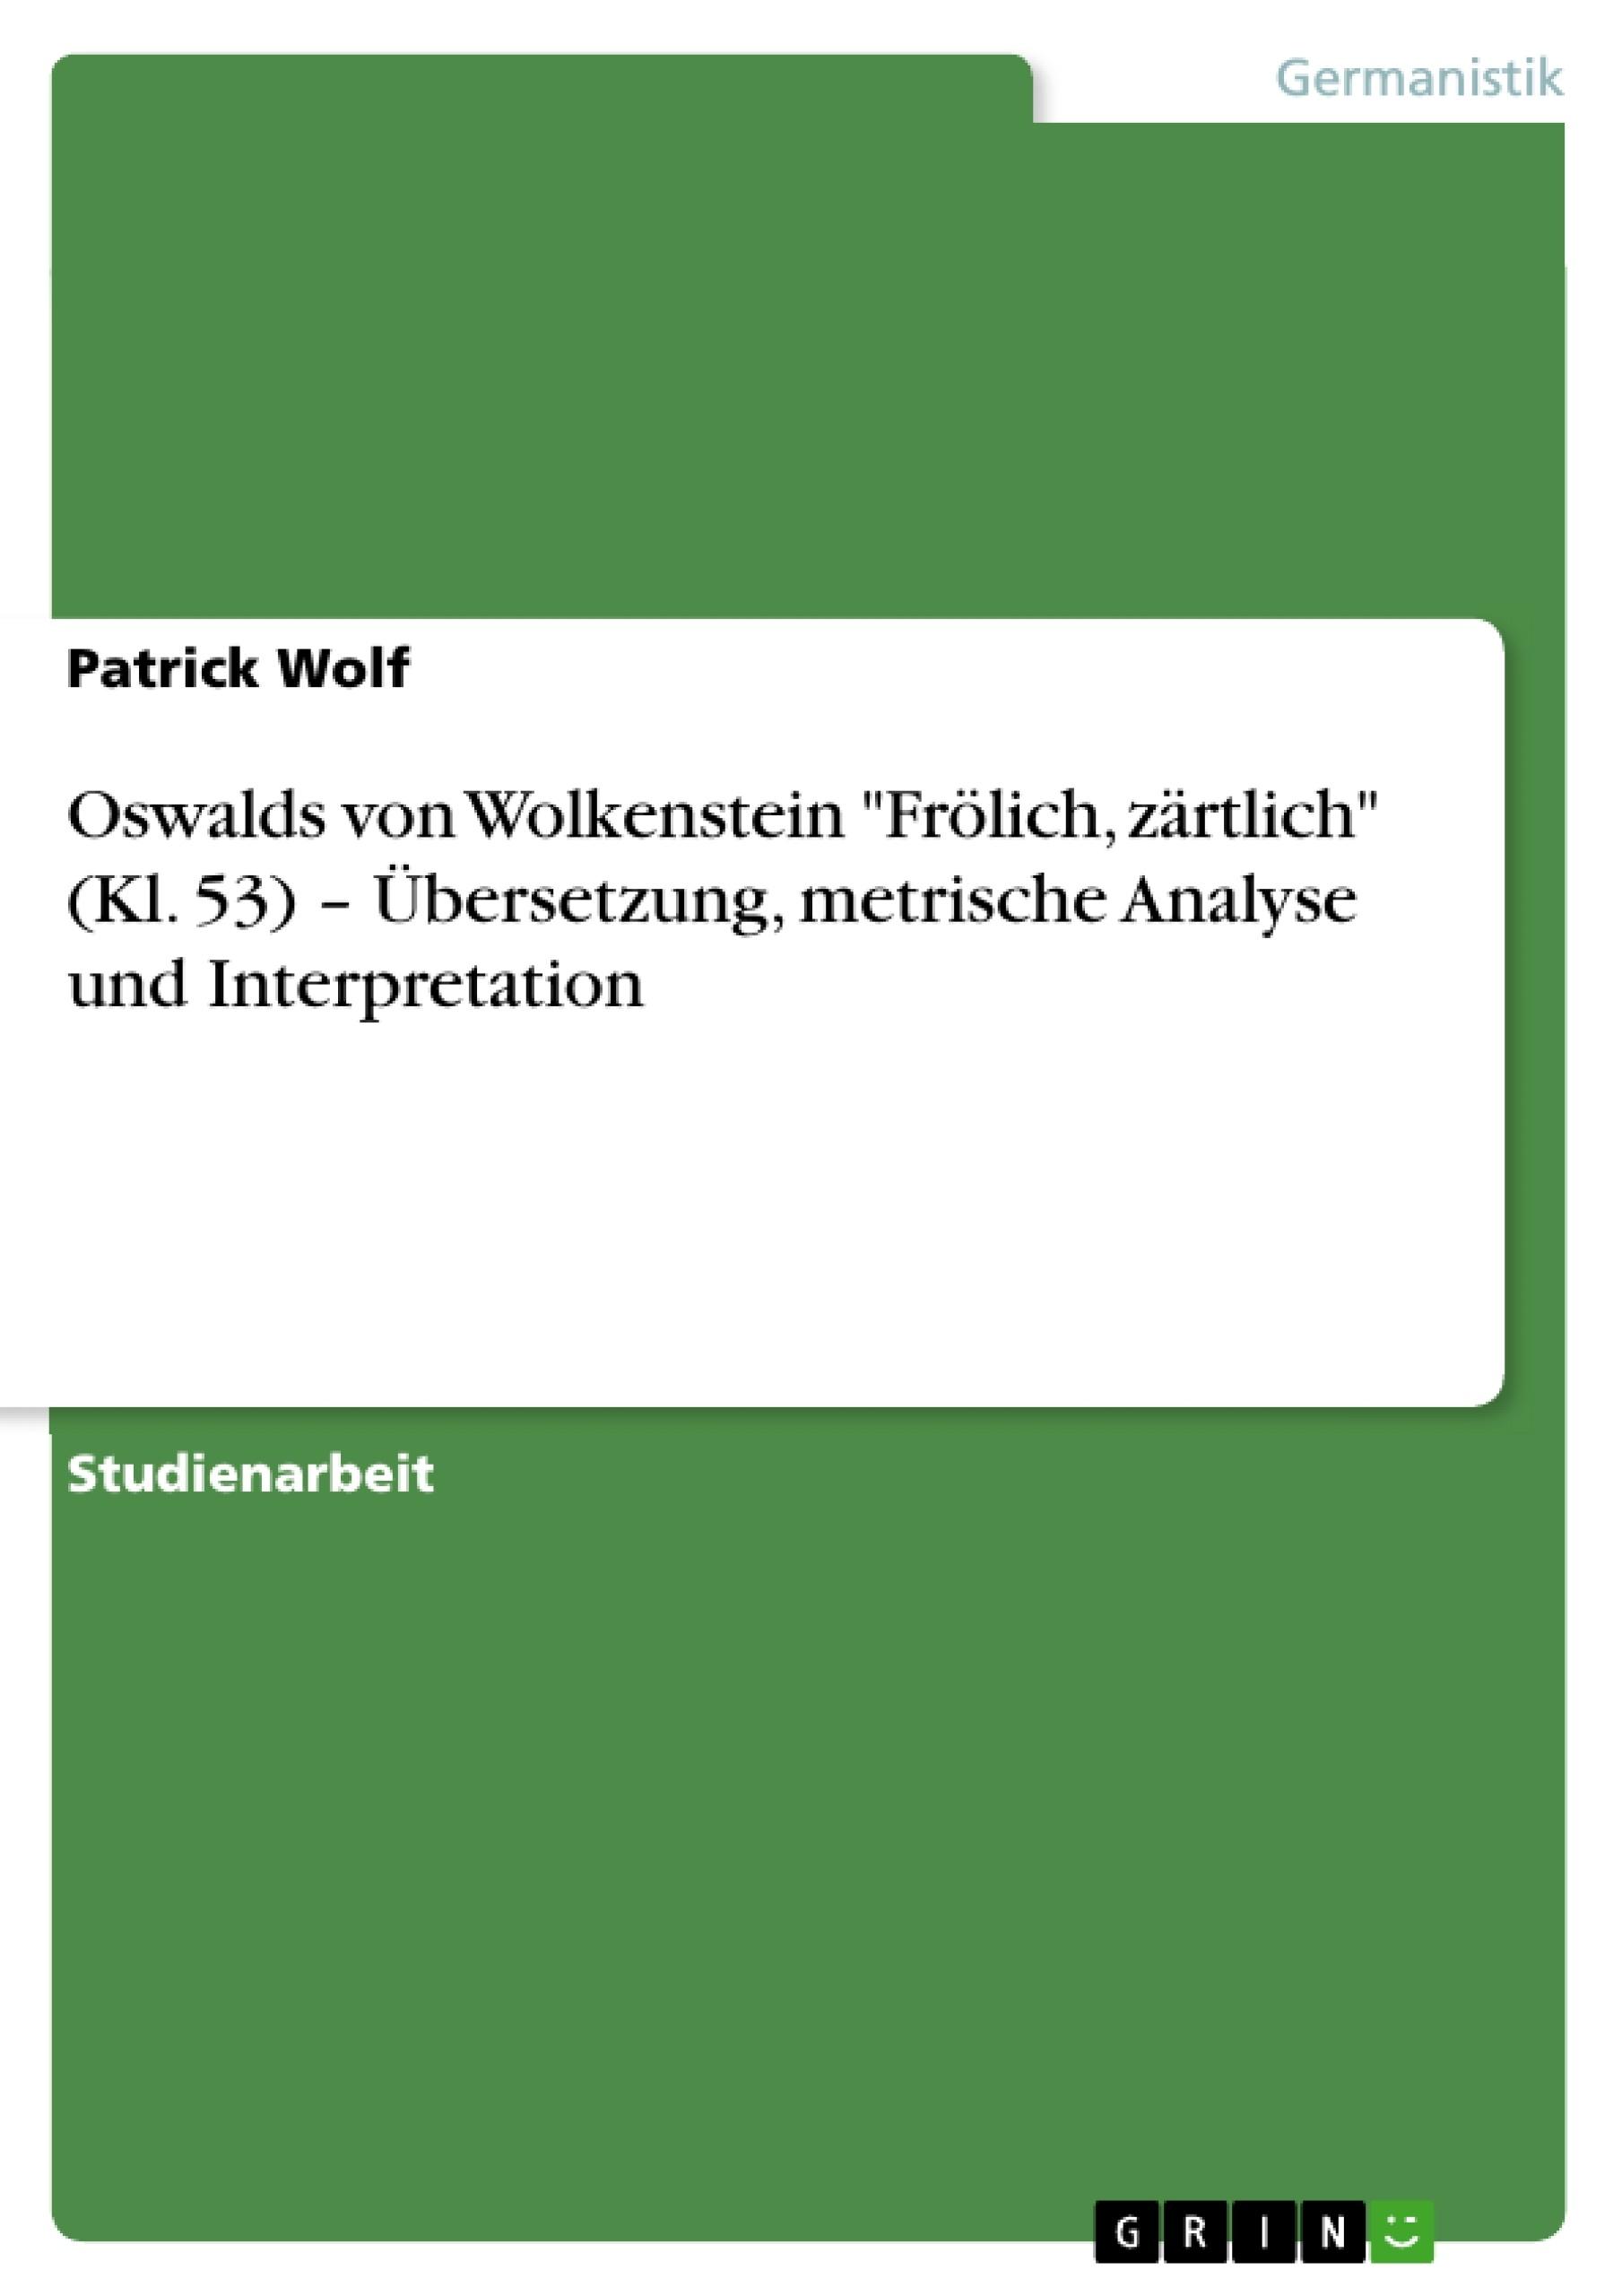 """Titel: Oswalds von Wolkenstein """"Frölich, zärtlich"""" (Kl. 53) –  Übersetzung, metrische Analyse und Interpretation"""